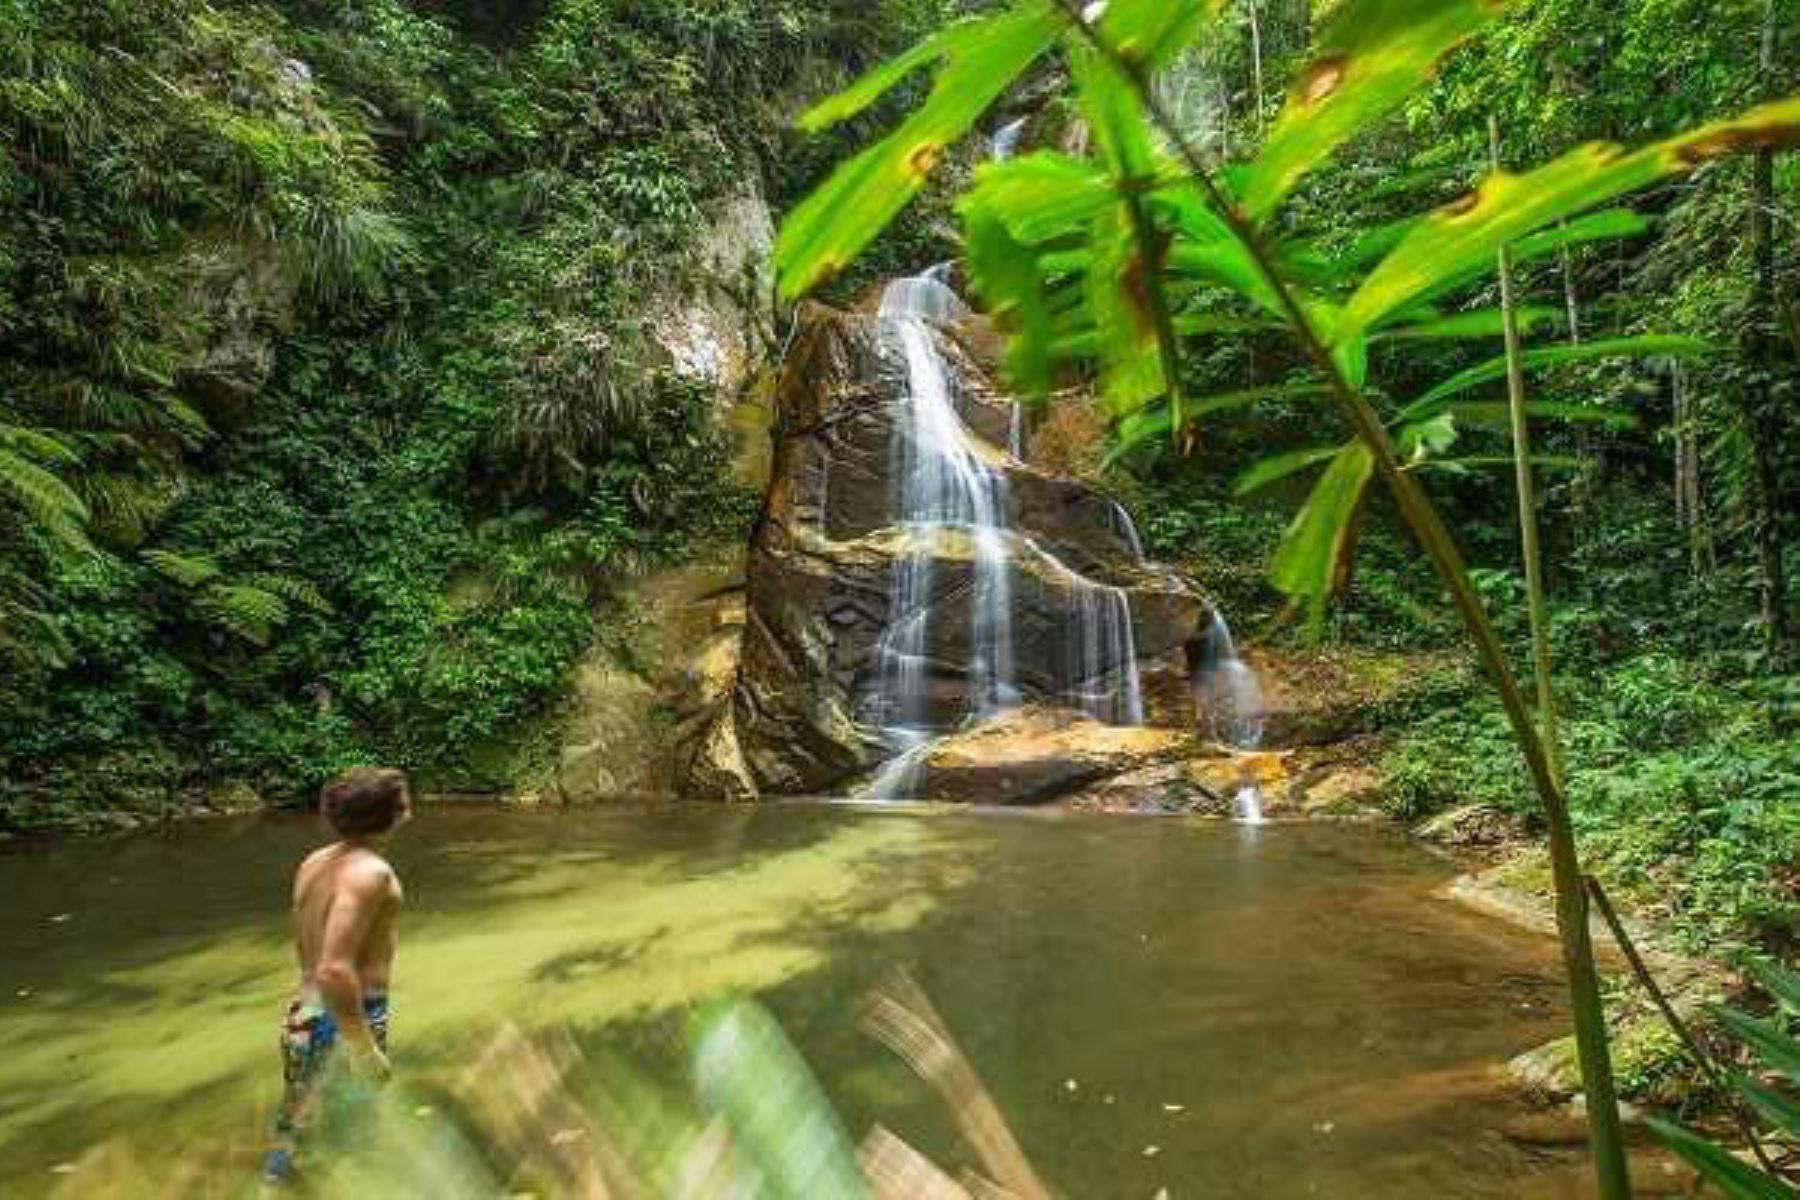 La presencia de turistas al área de conservación regional Cordillera Escalera, en la región San Martín, aumentó en 61%, lo que generó ingresos económicos de 3 millones 37,655 soles, informó el Proyecto Especial Huallaga Central y Bajo Mayo, que administra esta área natural protegida.